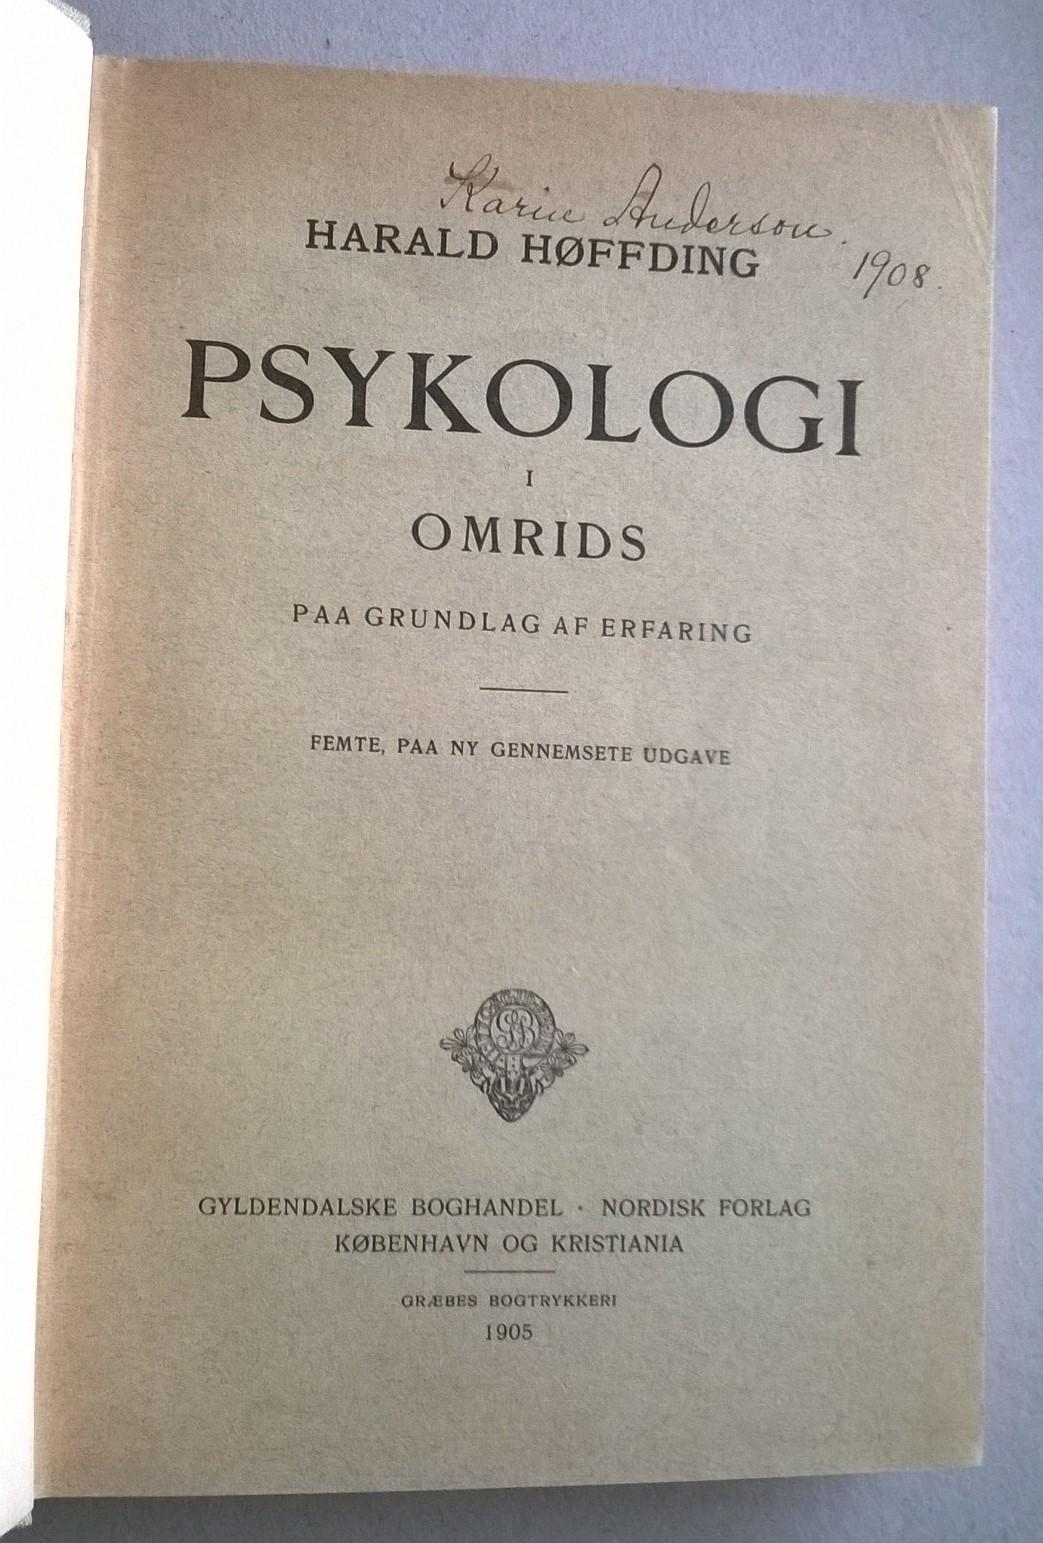 Høffding, Harald Psykologi i Omrids paa Grundlag af Erfaring